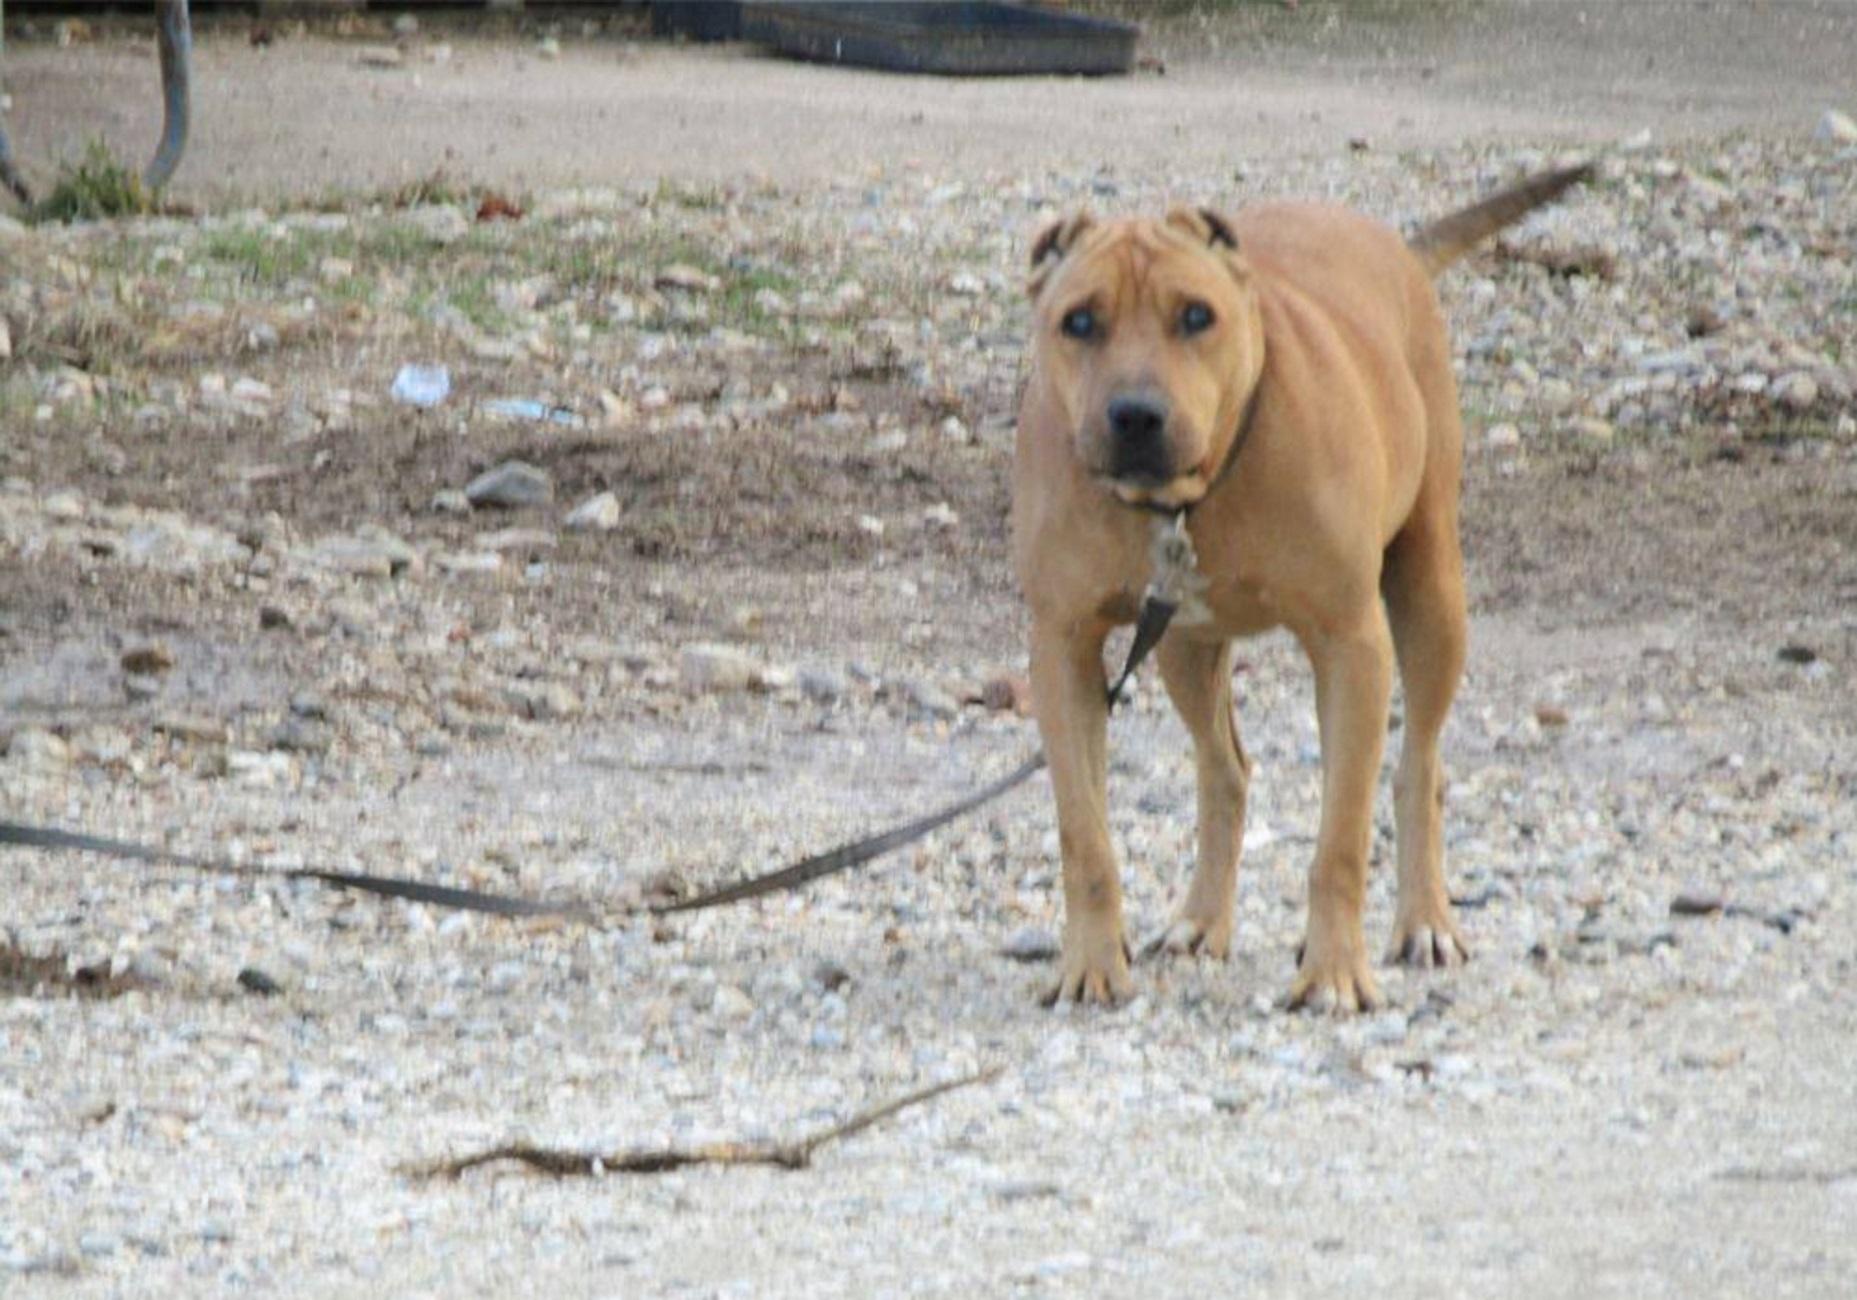 Κρήτη: Νέα κτηνωδία – Πυροβόλησαν σκύλο! Έχασε ήδη το ένα του πόδι